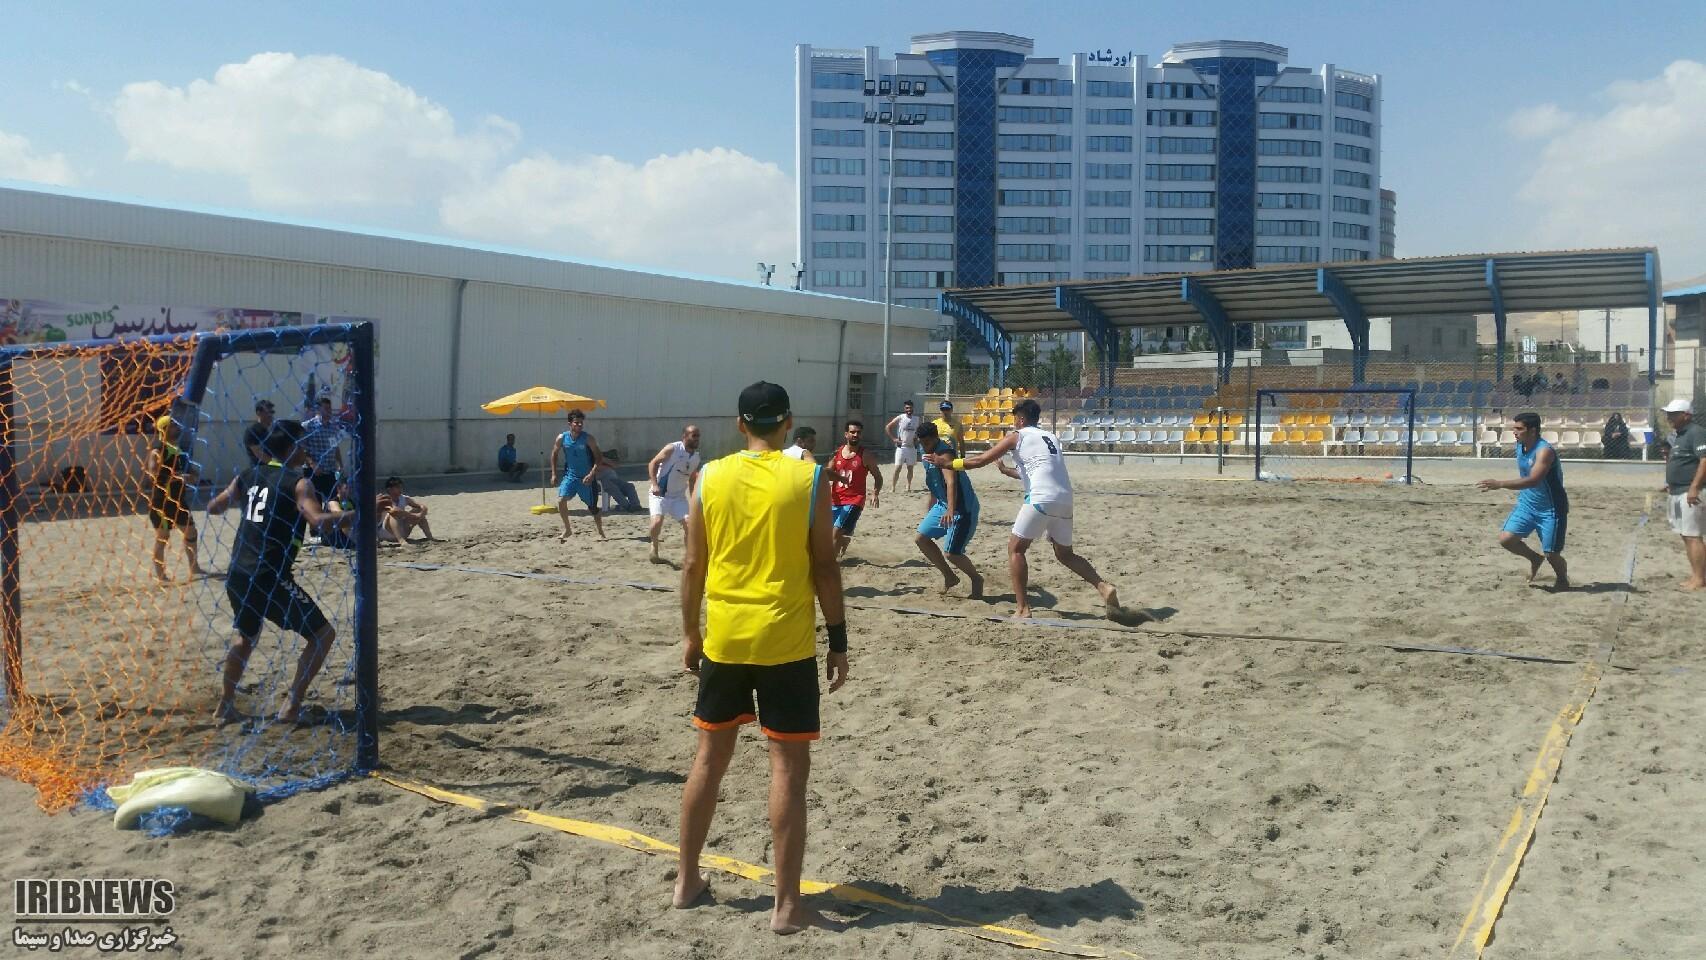 پایان رقابت هندبال ساحلی کشور در ارومیه